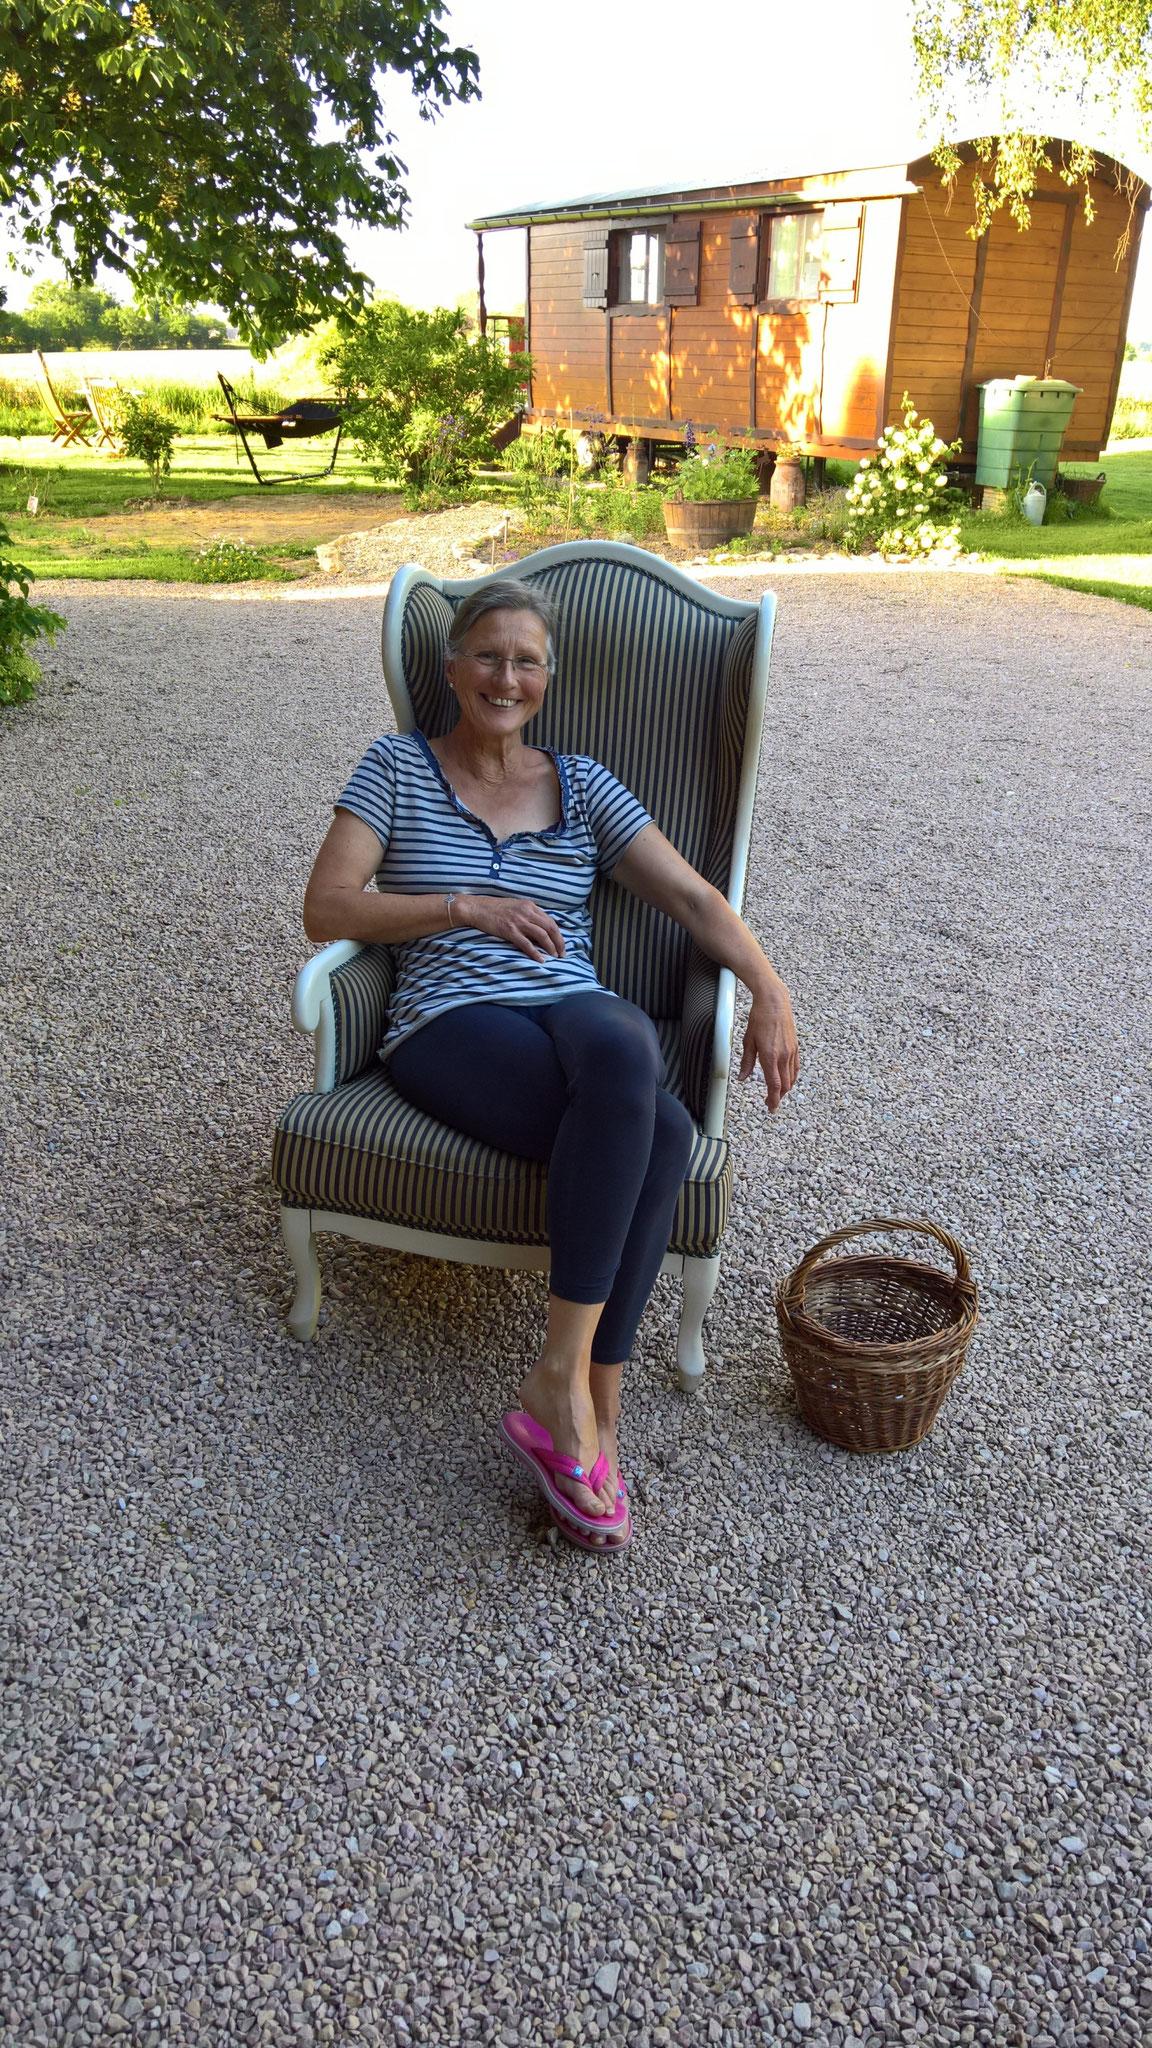 Probesitzen auf dem Sessel von Georg